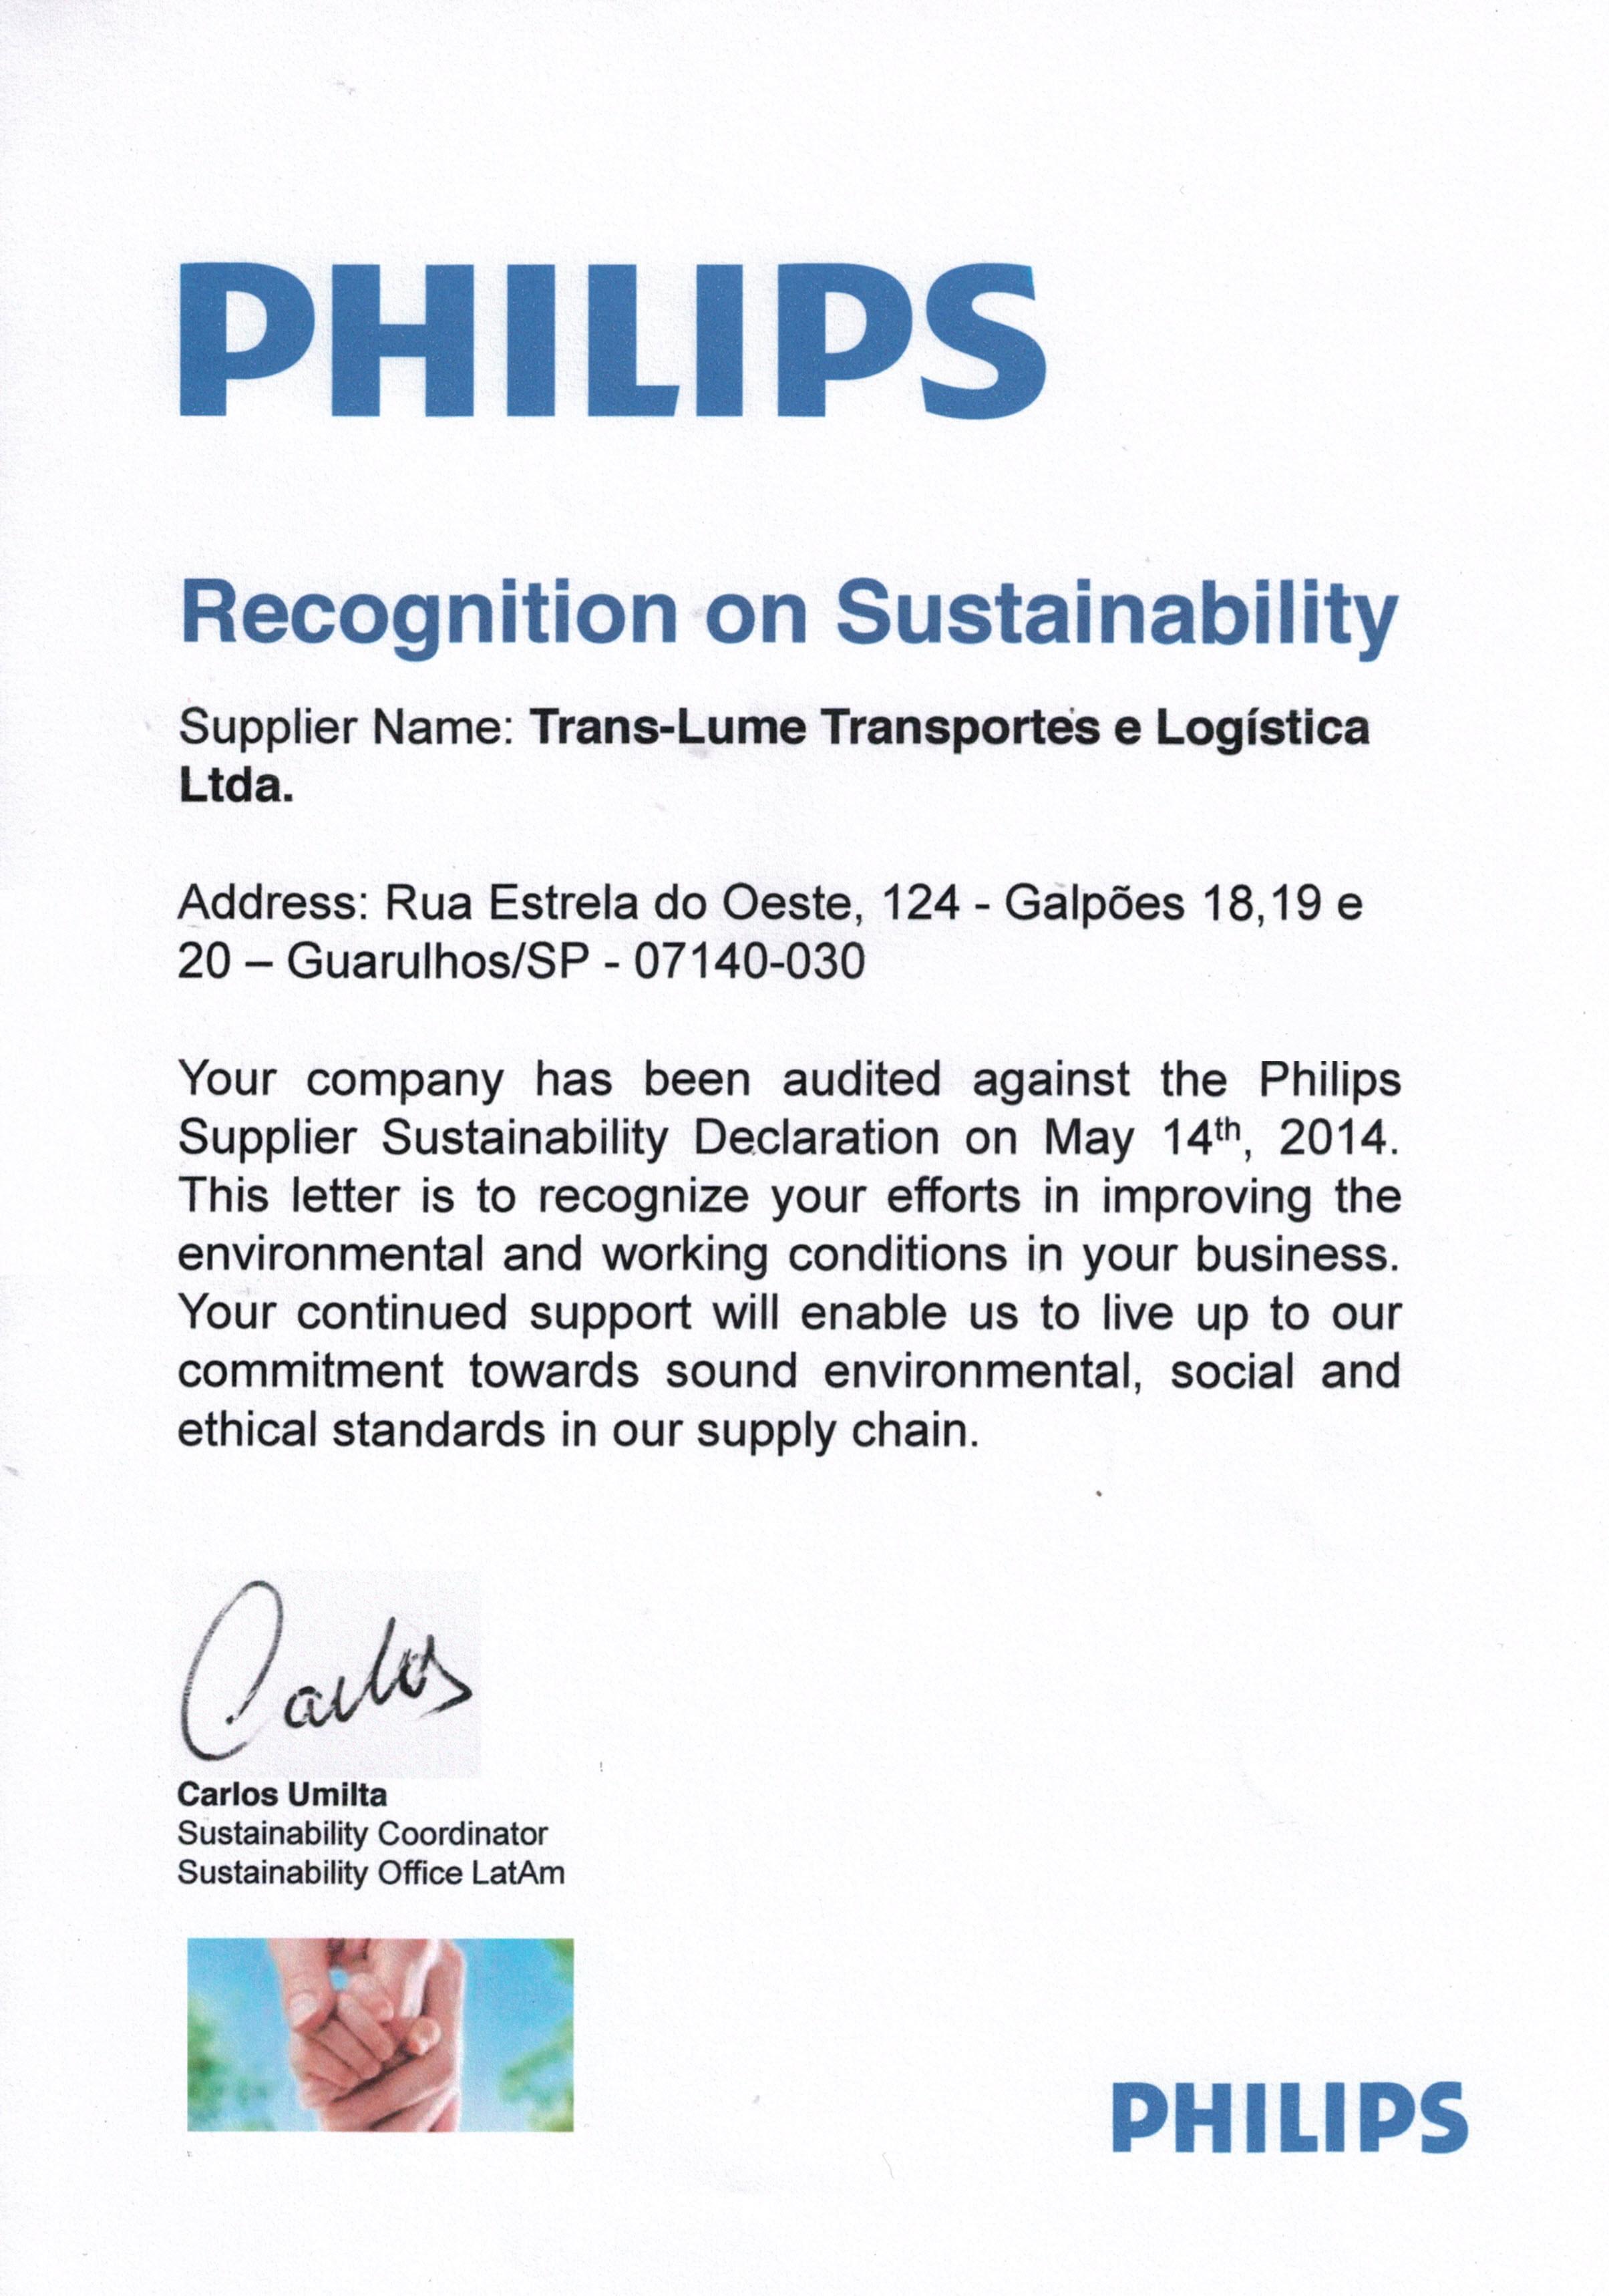 Reconhecimento de Sustentabilidade Philips 2014 - Trans-Lume